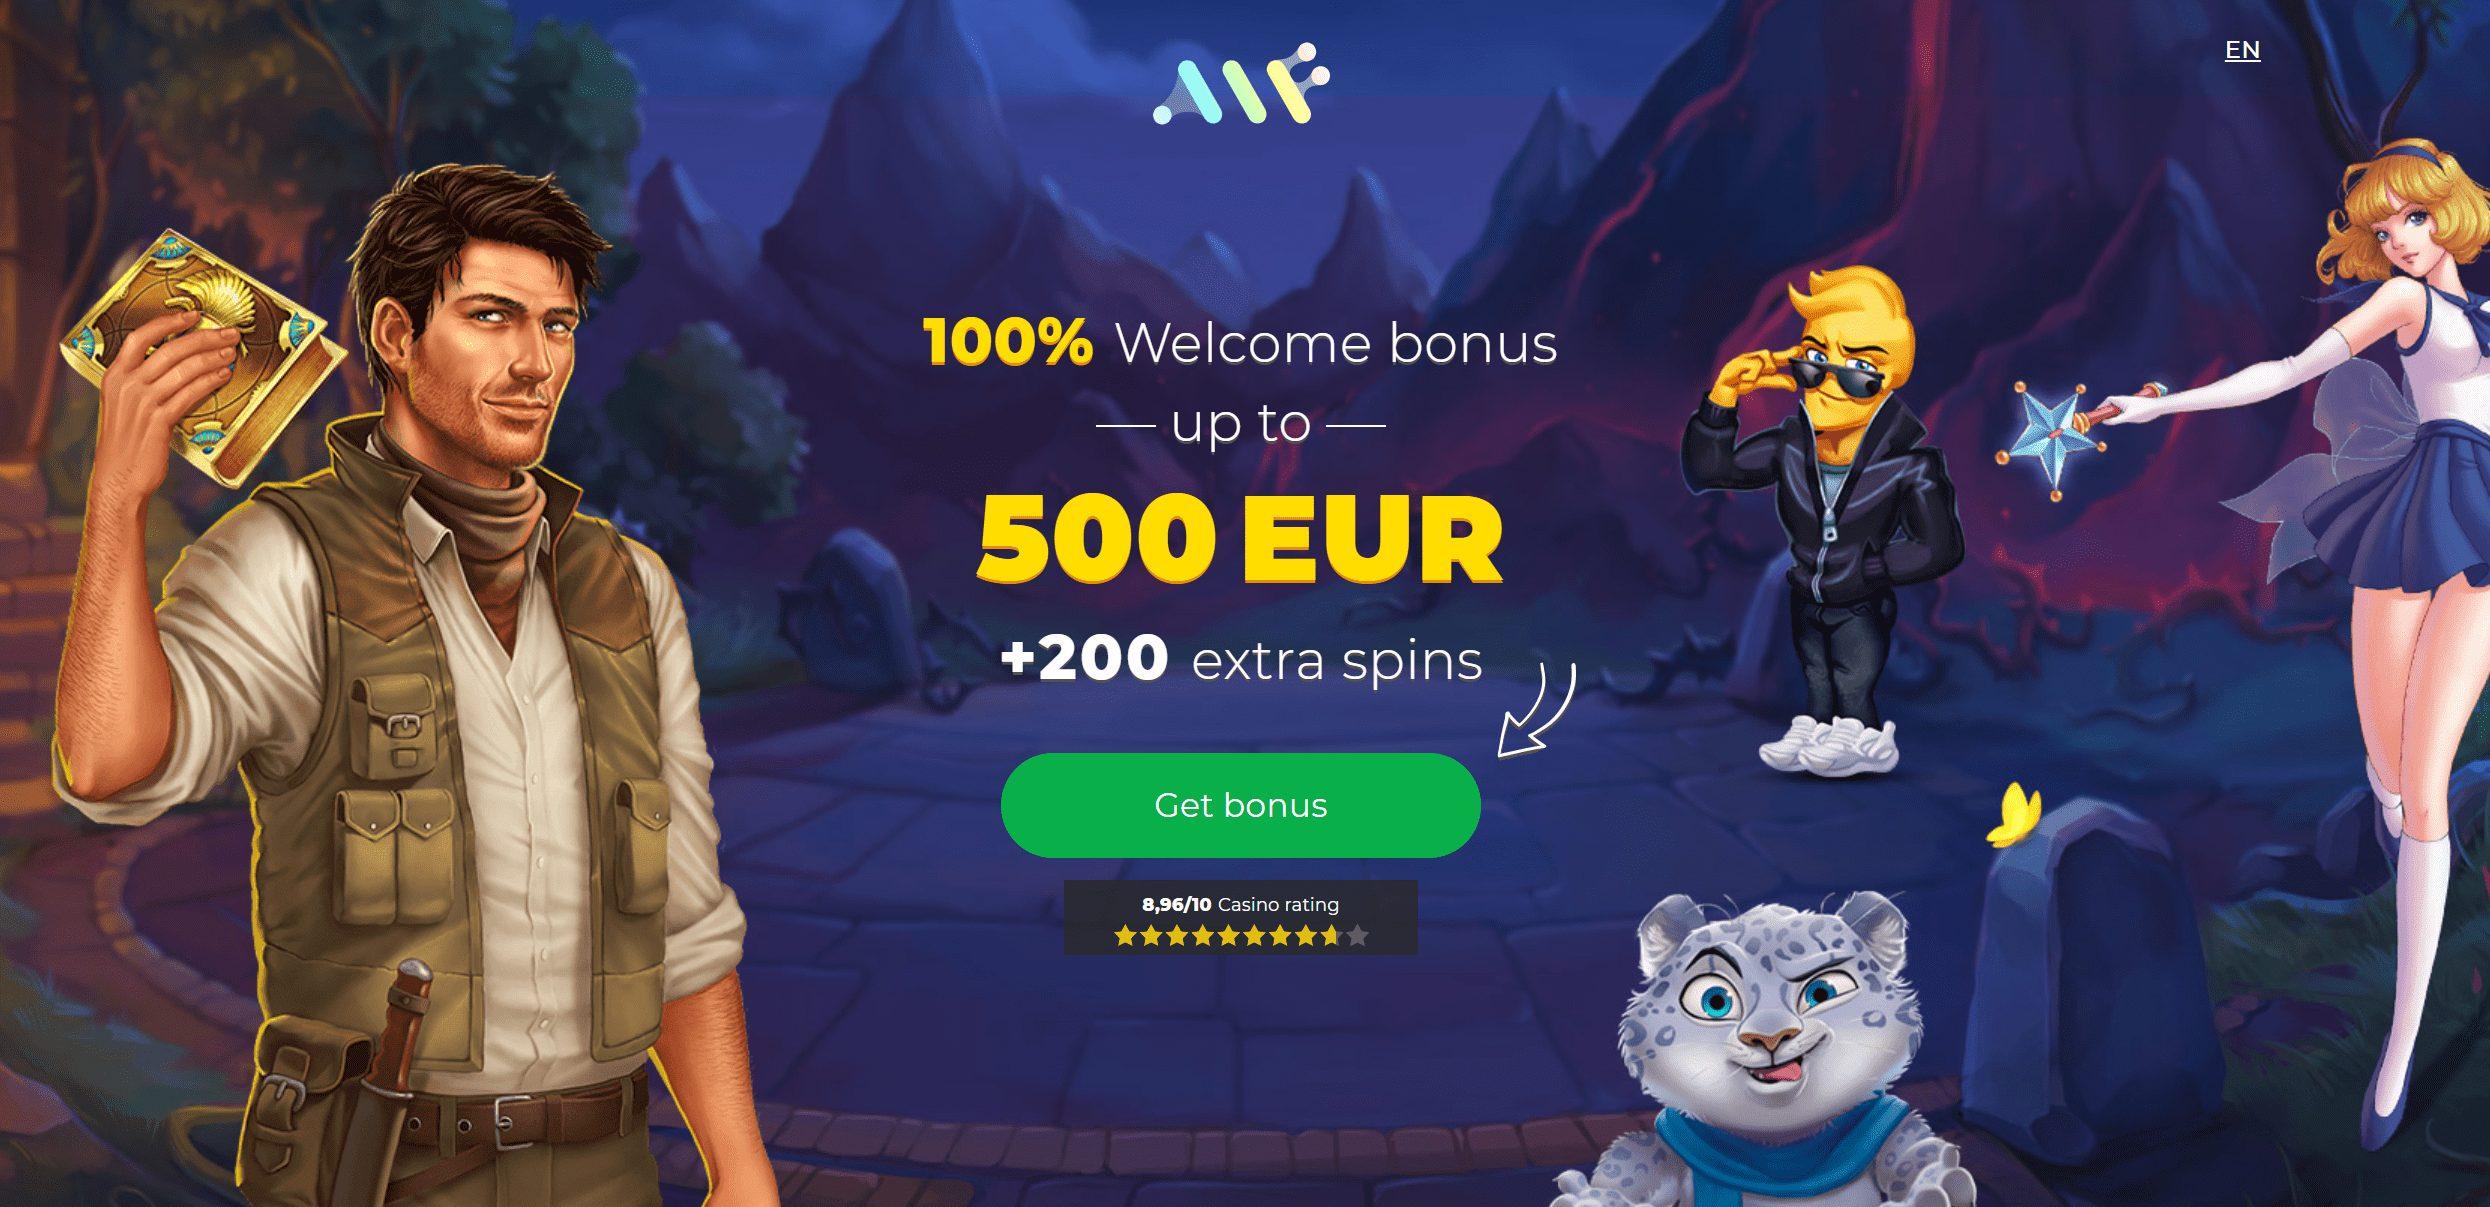 Alf casino review